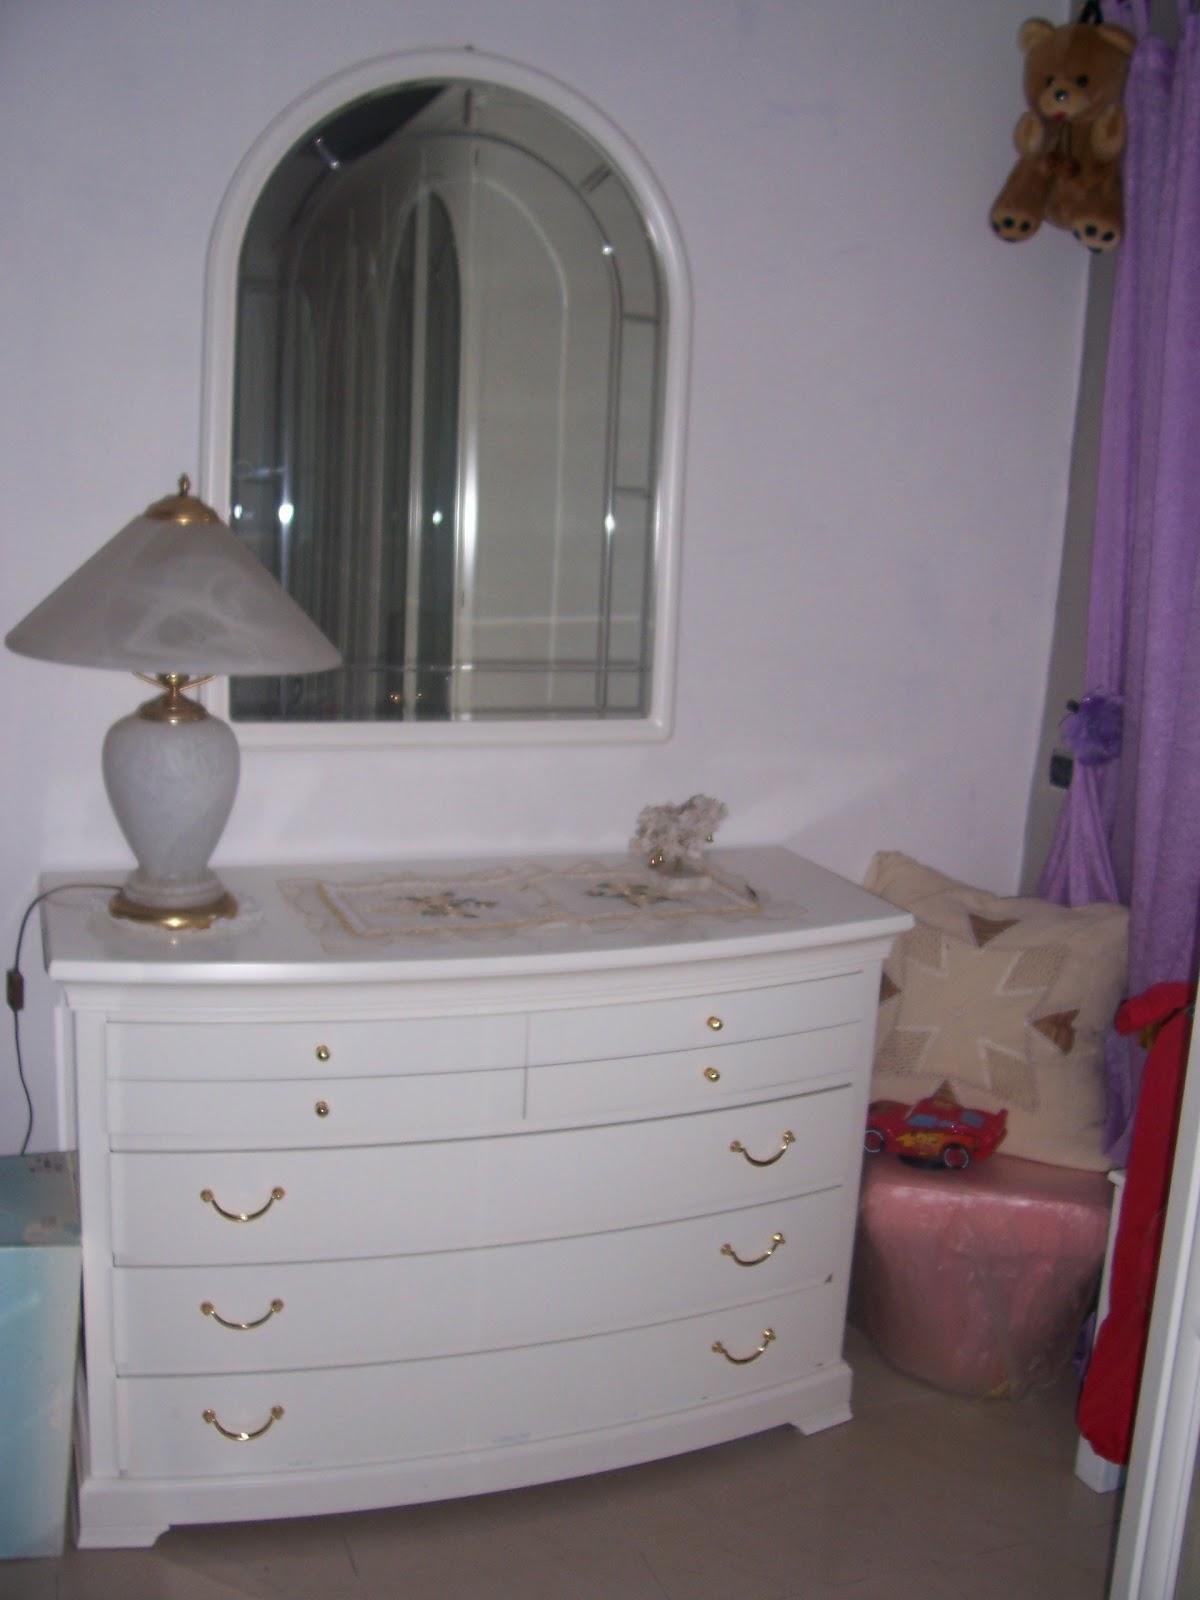 Arte e fantasia la mia camera da letto my bedroom - Volevo solo andare a letto presto ...